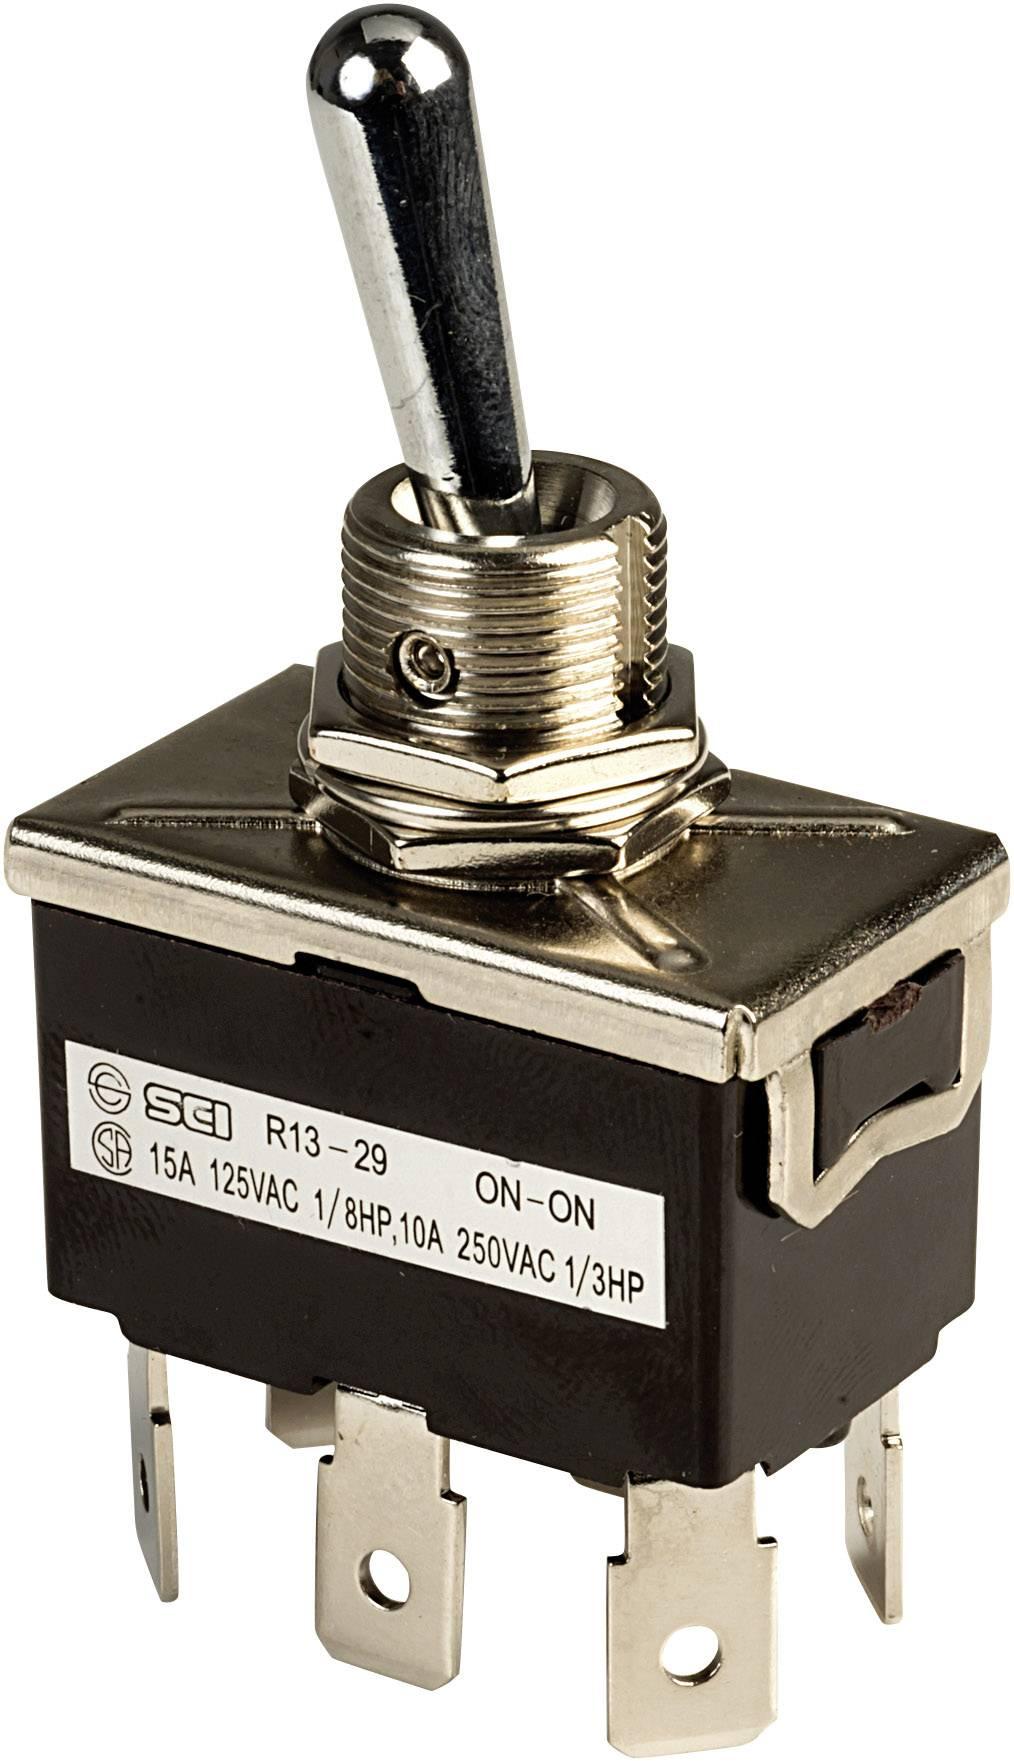 Páčkový spínač SCI R13-29B, 250 V/AC, 10 A, 2x zap/zap, 1 ks